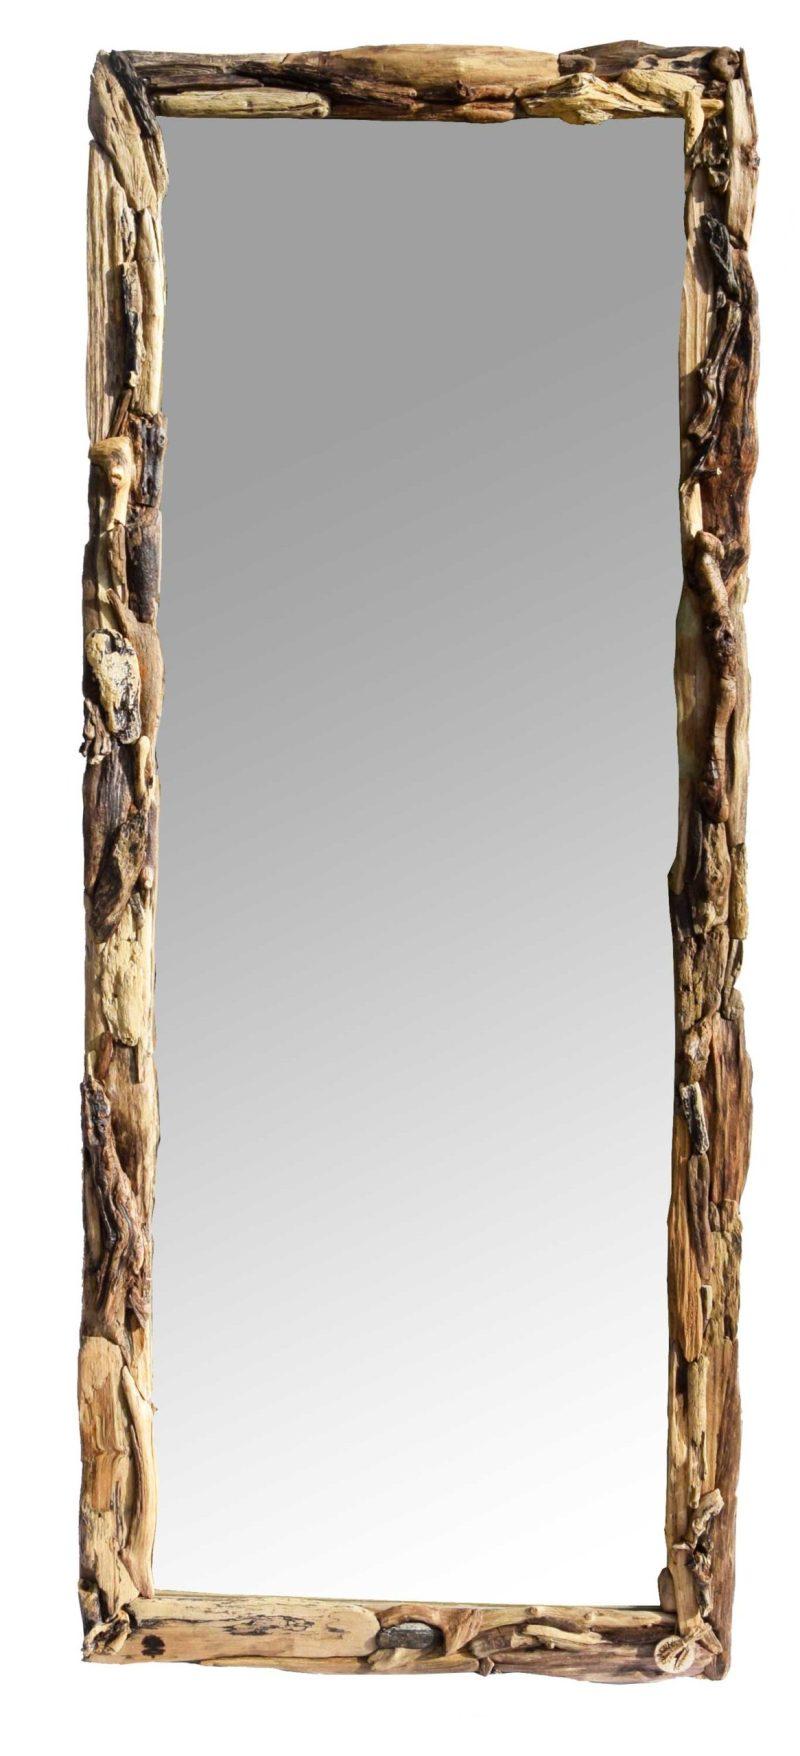 treibholz-spiegel-hochformat